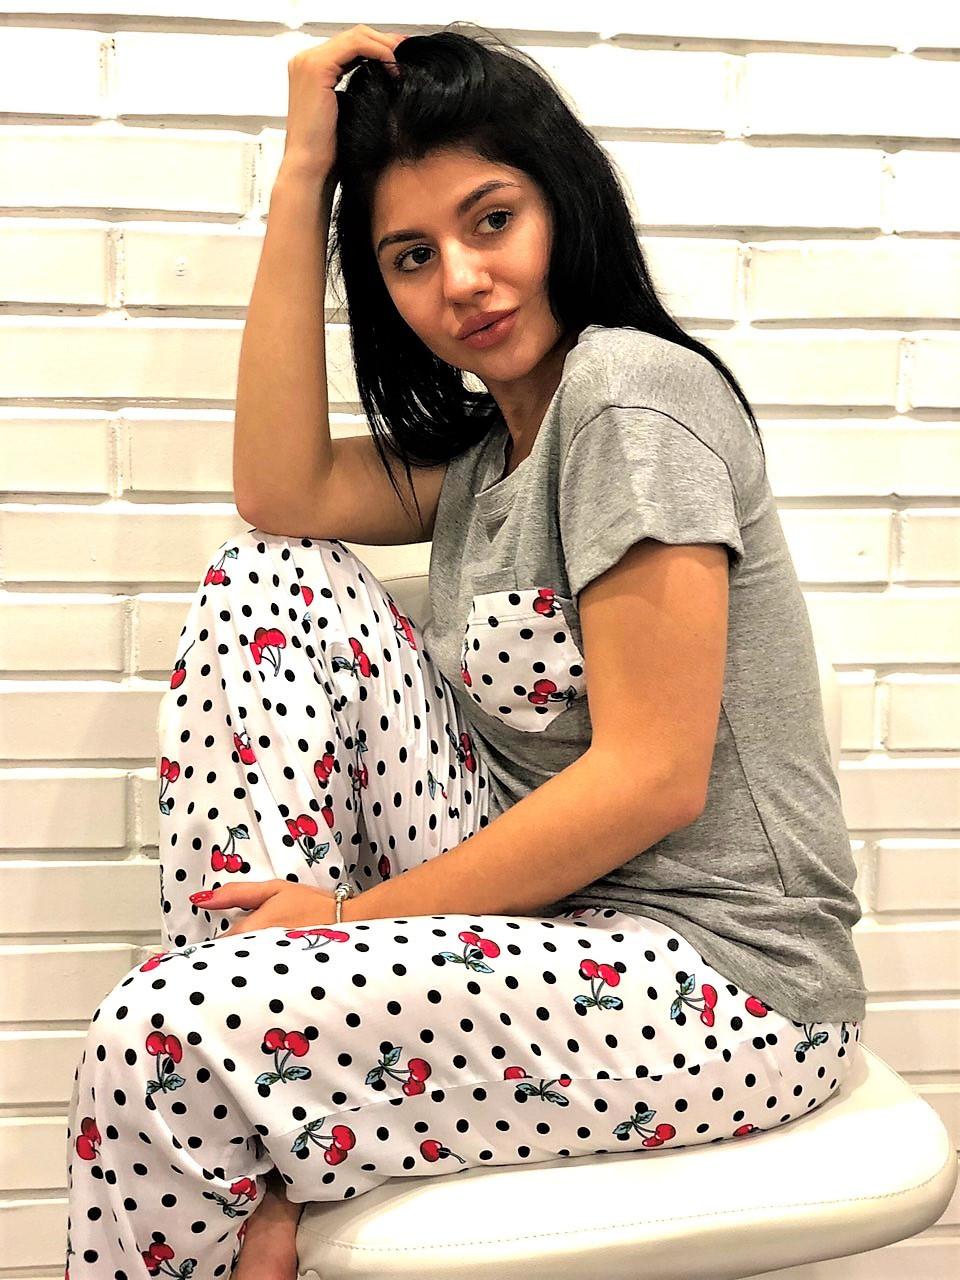 Штани і футболка - піжама з малюнком.